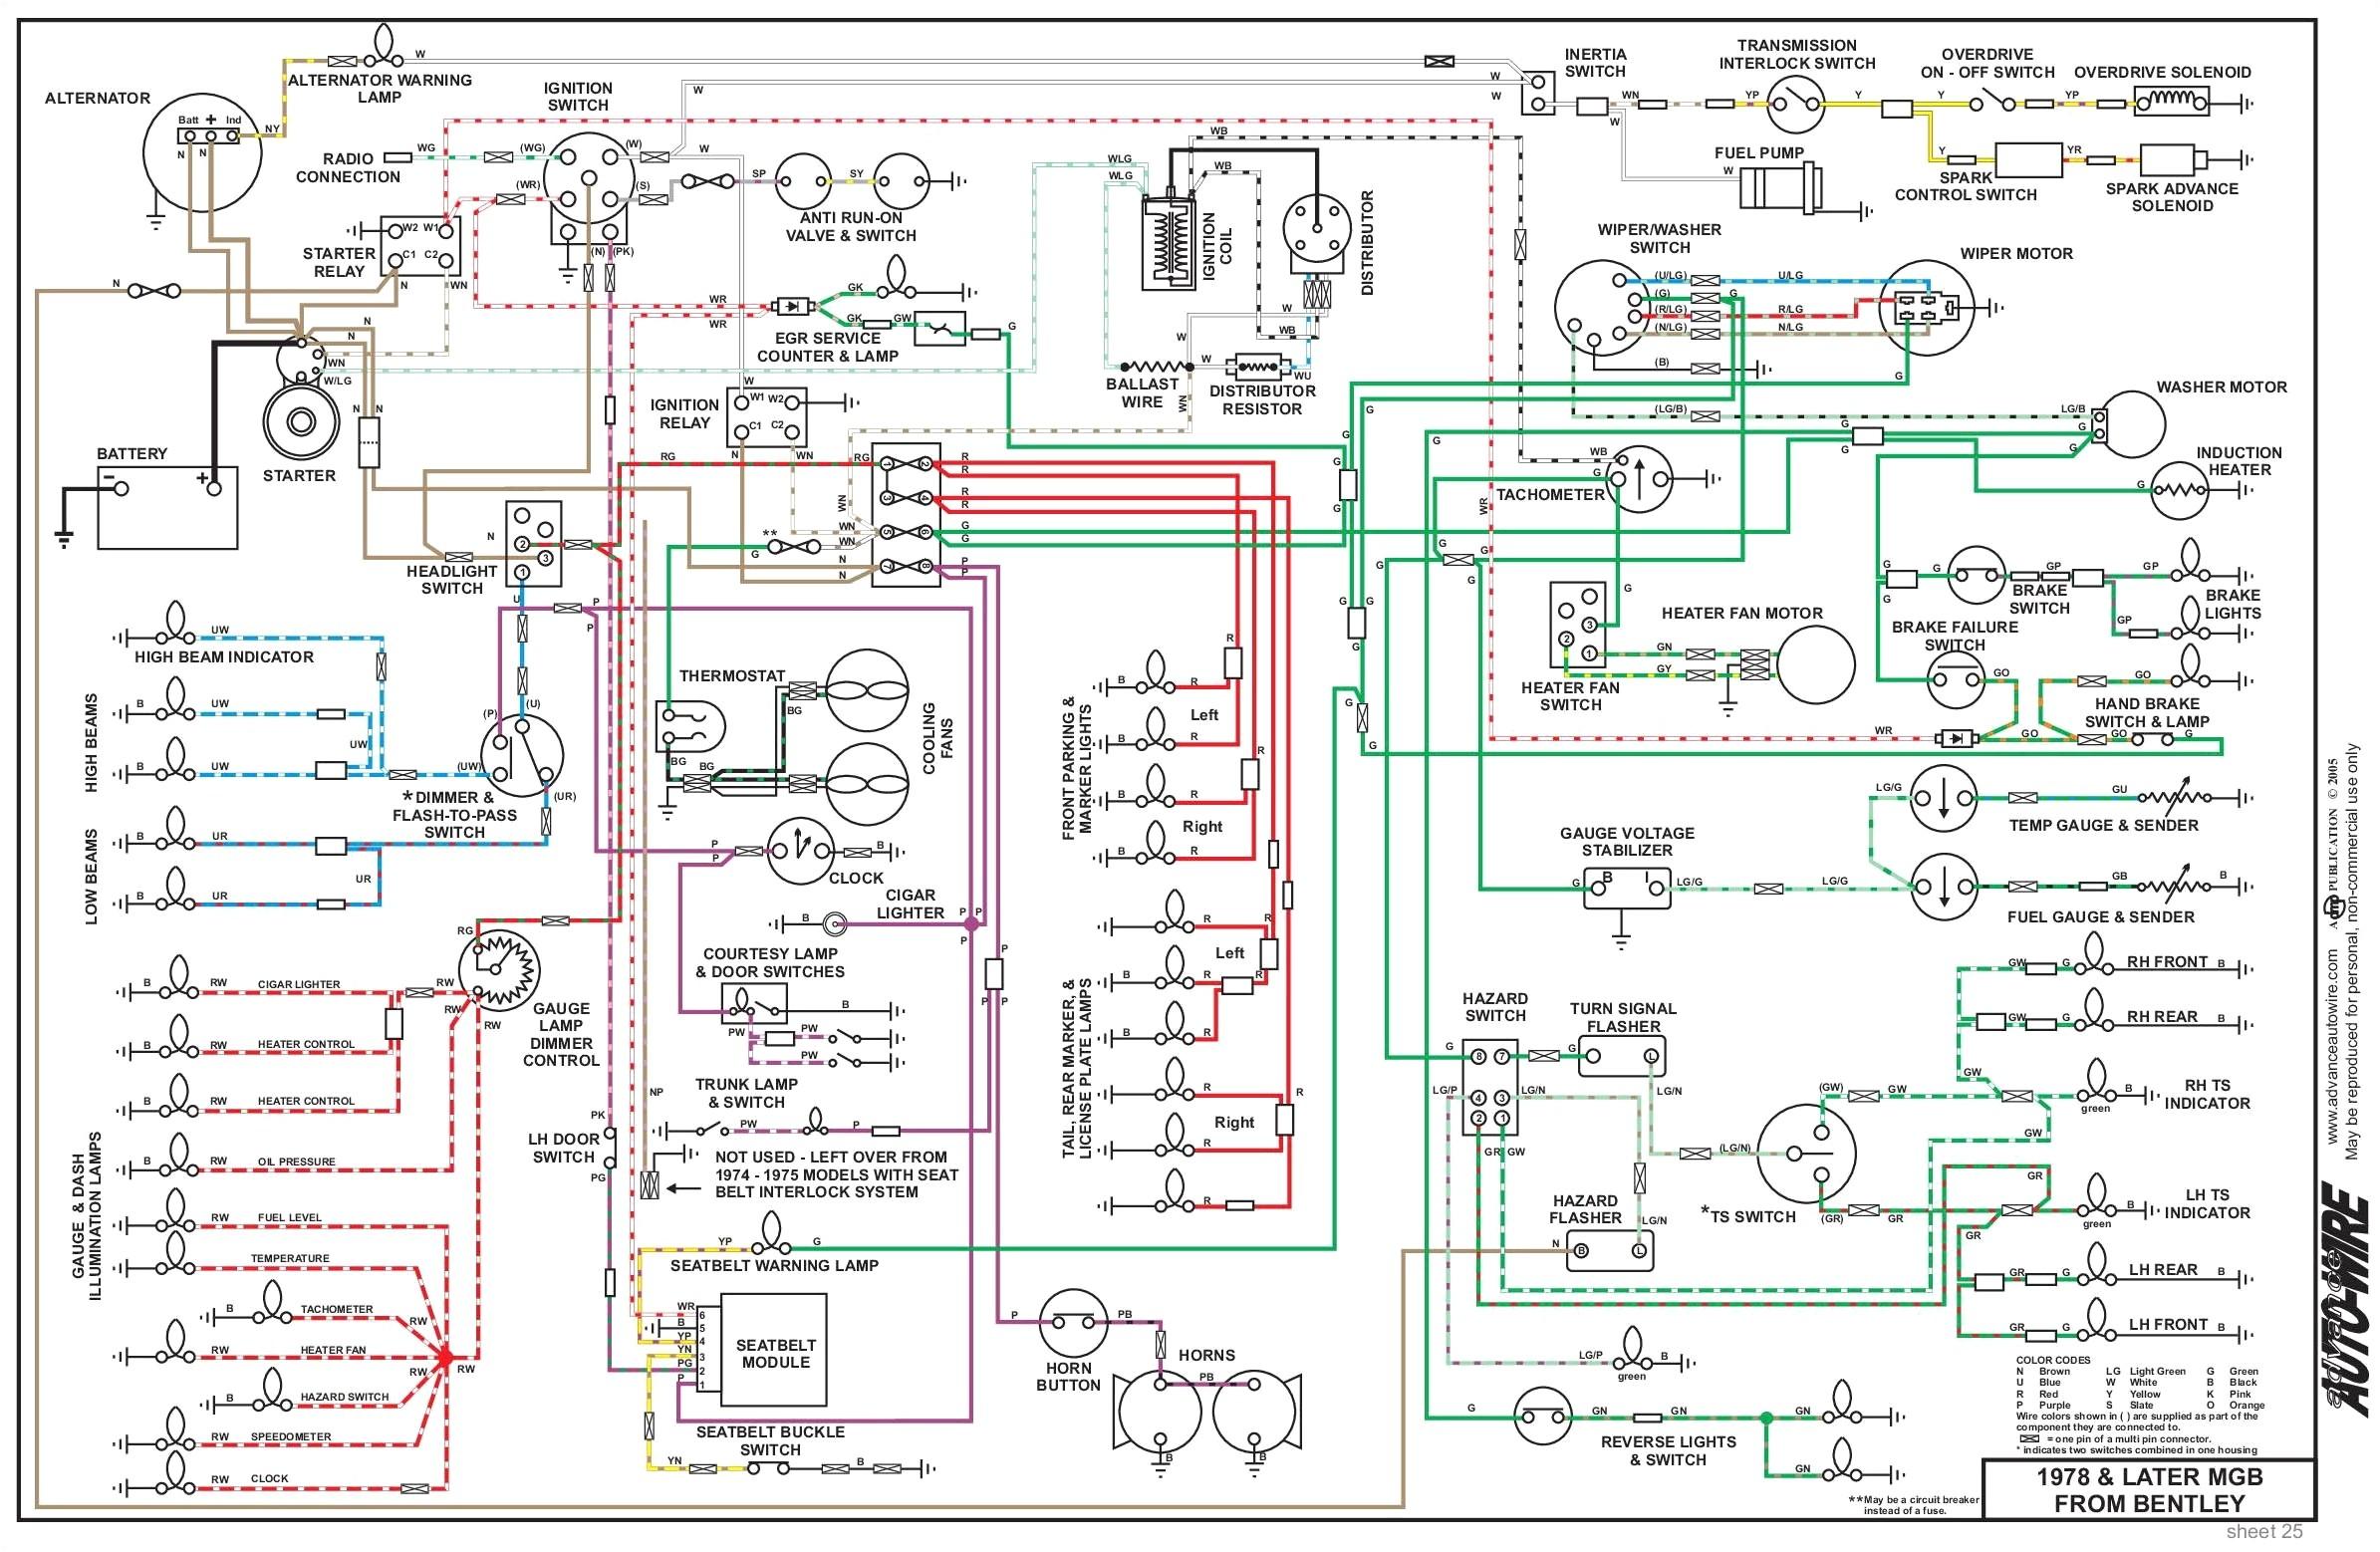 1957 mg wiring diagram wiring diagram show 1957 mg wiring diagram